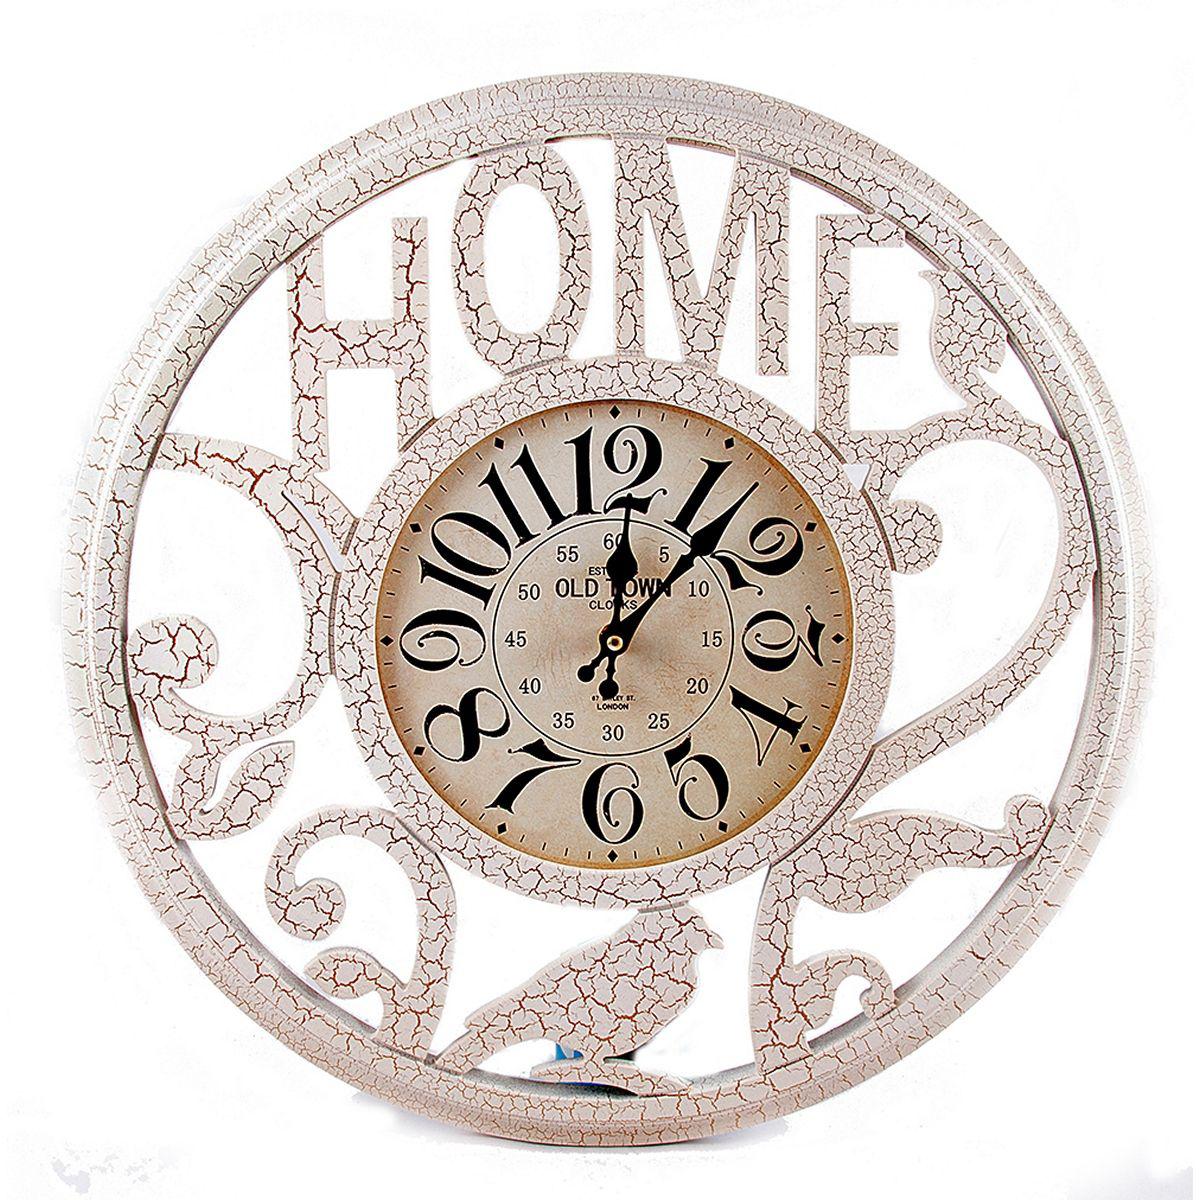 Часы настенные Русские Подарки, 50 х 50 х 5 см. 2962429624Настенные кварцевые часы Русские Подарки изготовлены из МДФ. Корпус оформлен узорами и надписью Home. Часы имеют две стрелки - часовую и минутную. С обратной стороны имеется петелька для подвешивания на стену. Изящные часы красиво и оригинально оформят интерьер дома или офиса. Также часы могут стать уникальным, полезным подарком для родственников, коллег, знакомых и близких. Часы работают от батареек типа АА (в комплект не входят).